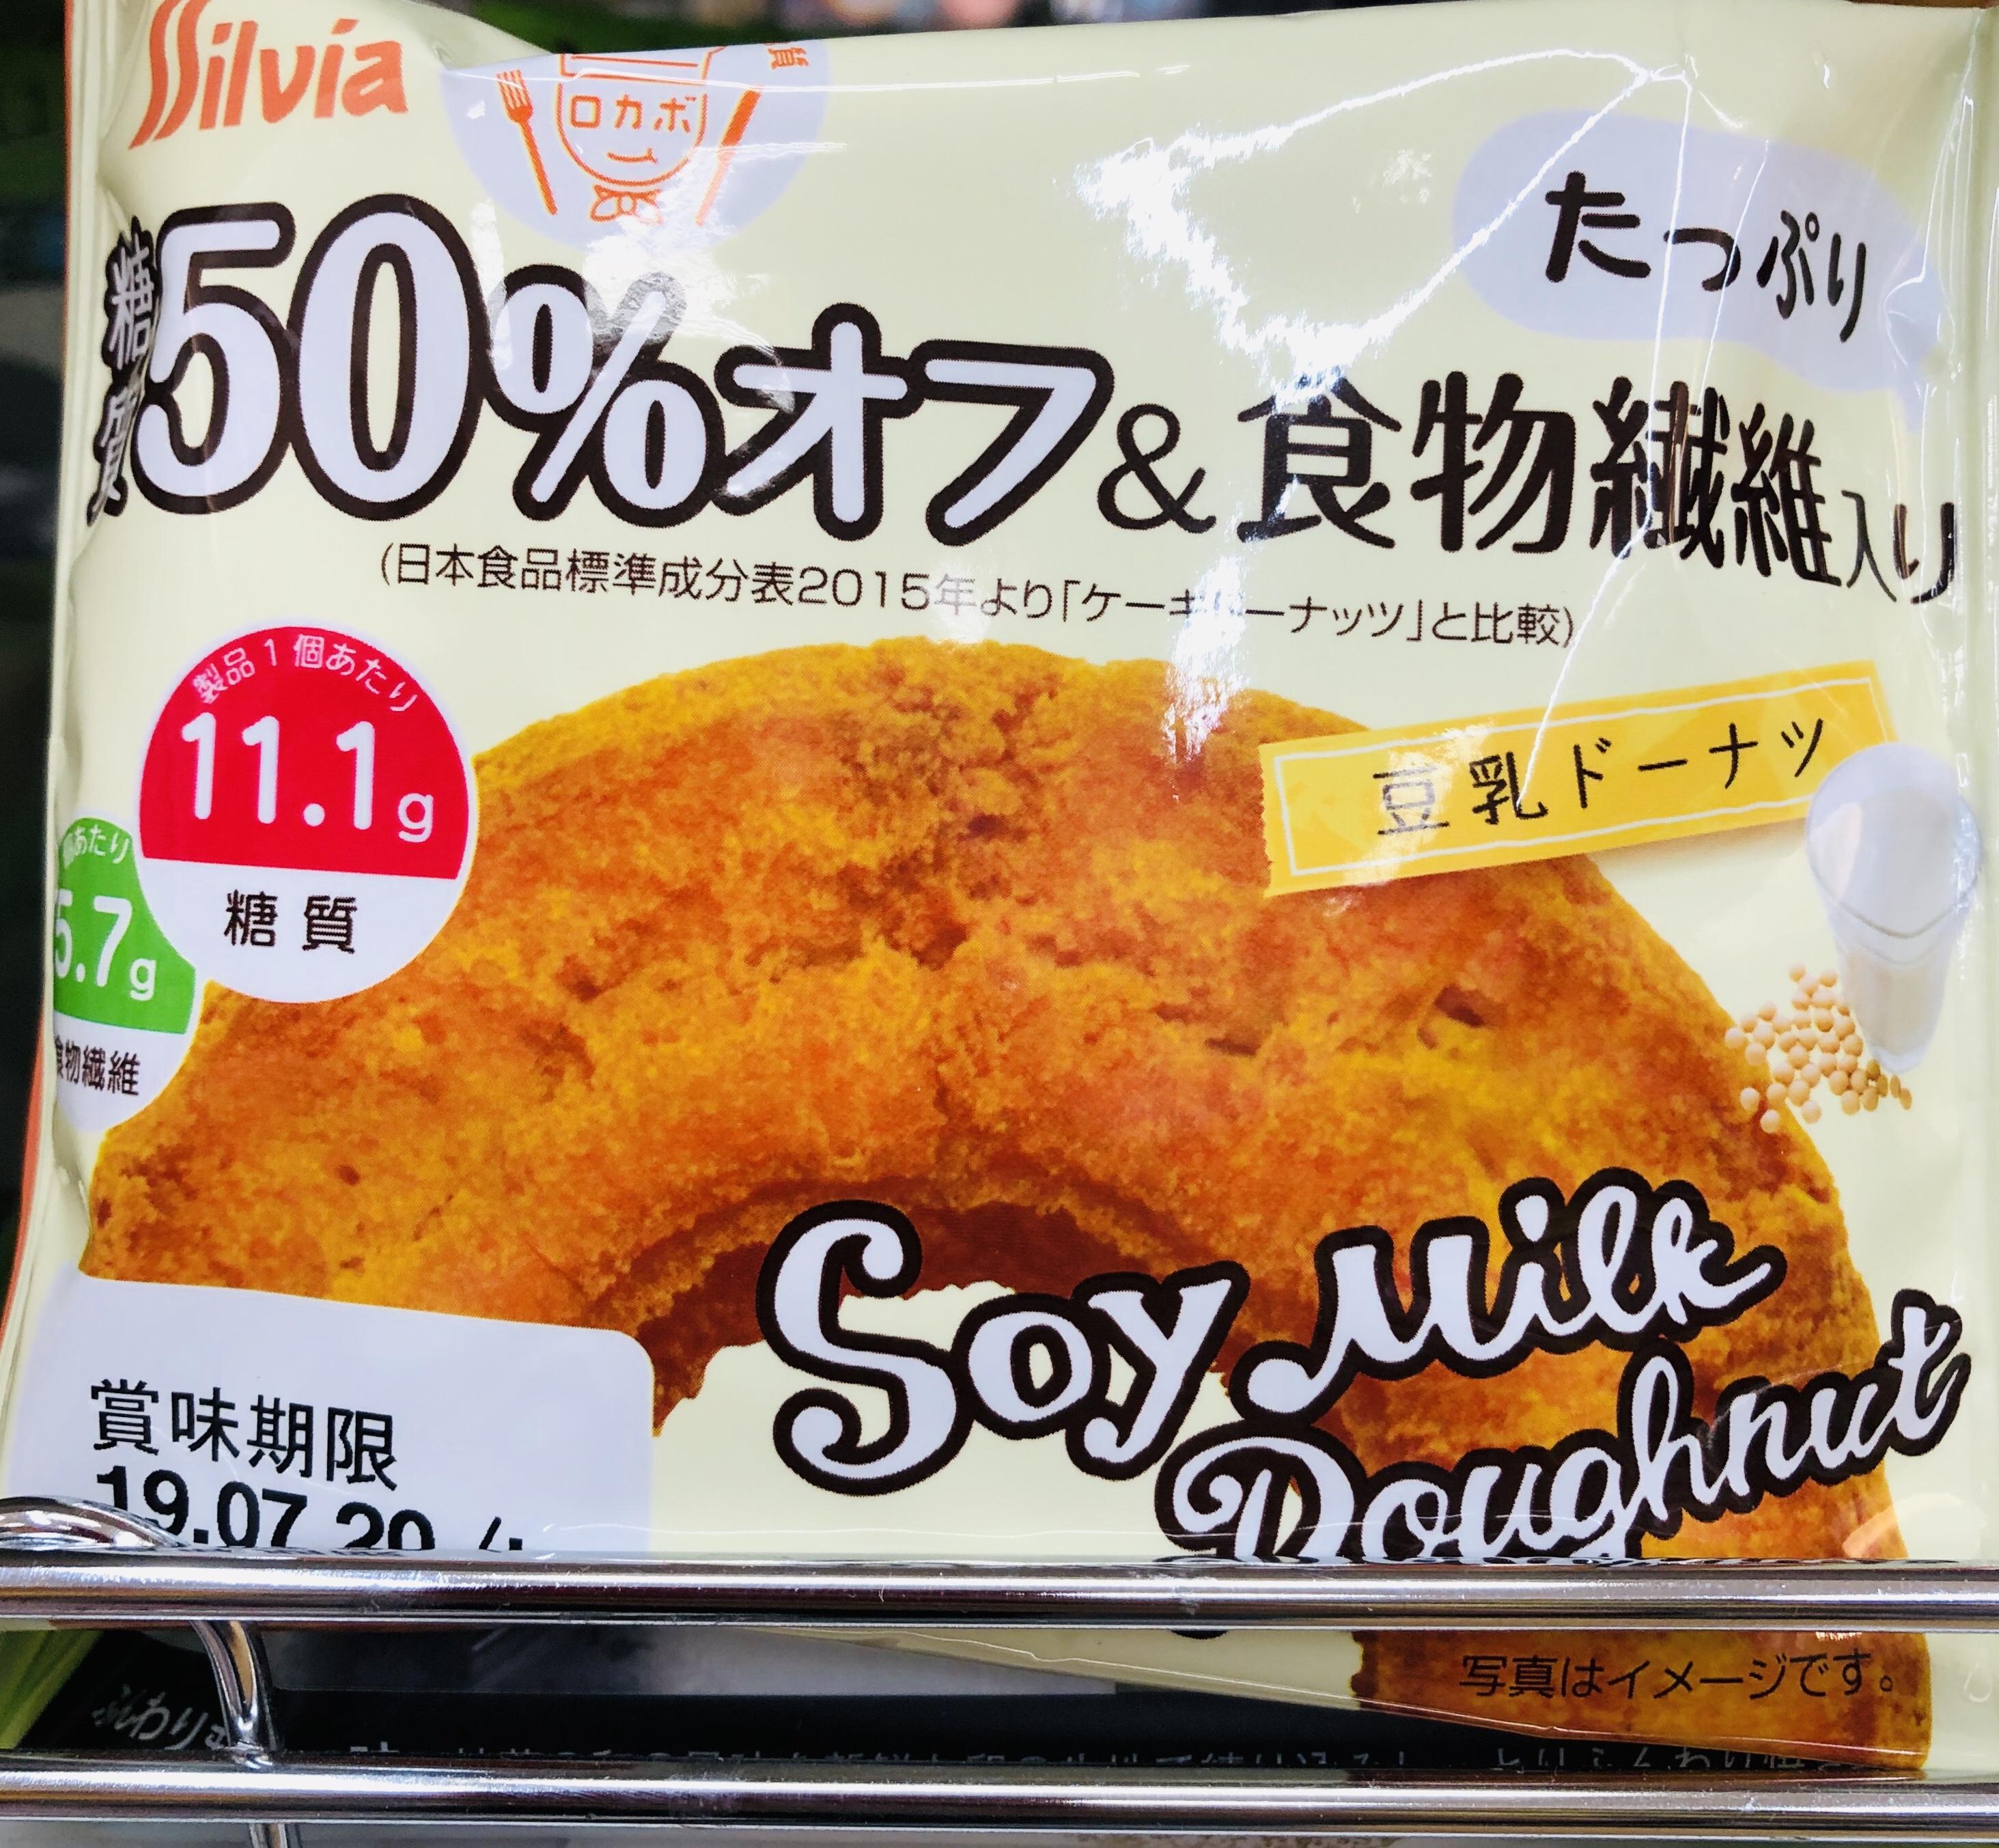 【100均のおすすめ商品】糖質低めな高コスパおやつ12選!